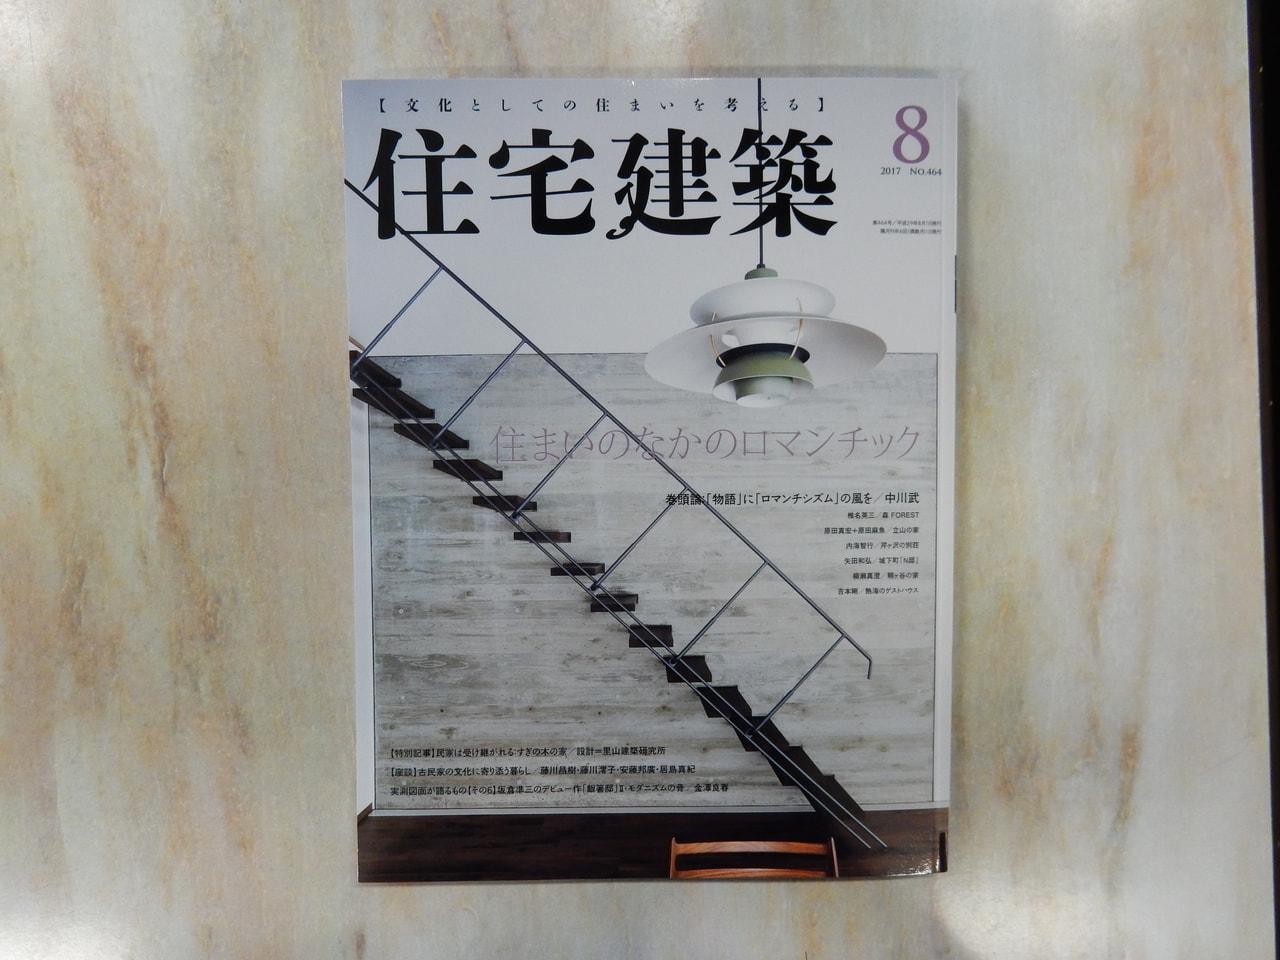 竹原先生の記事が住宅建築2017年8月号に掲載